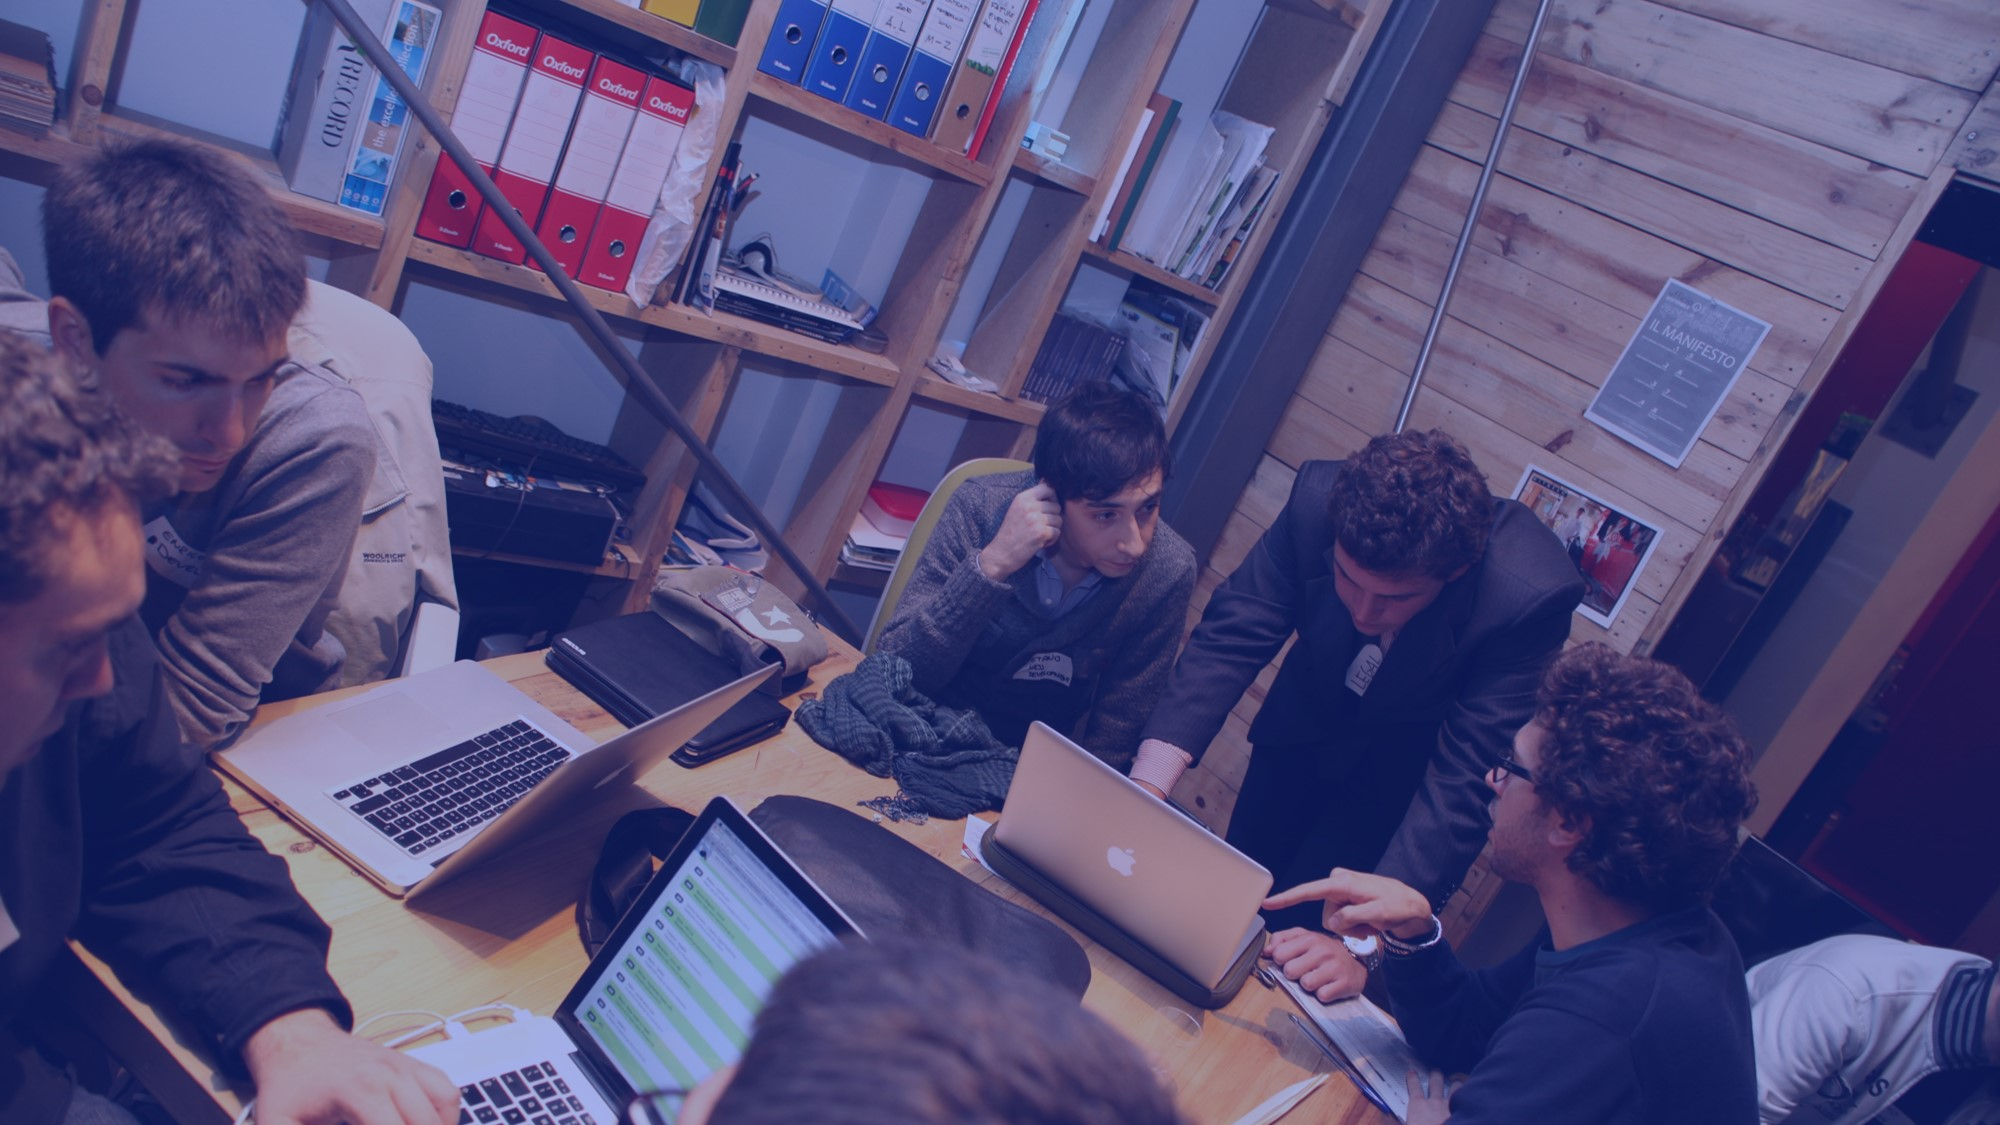 Equipe trabalhando